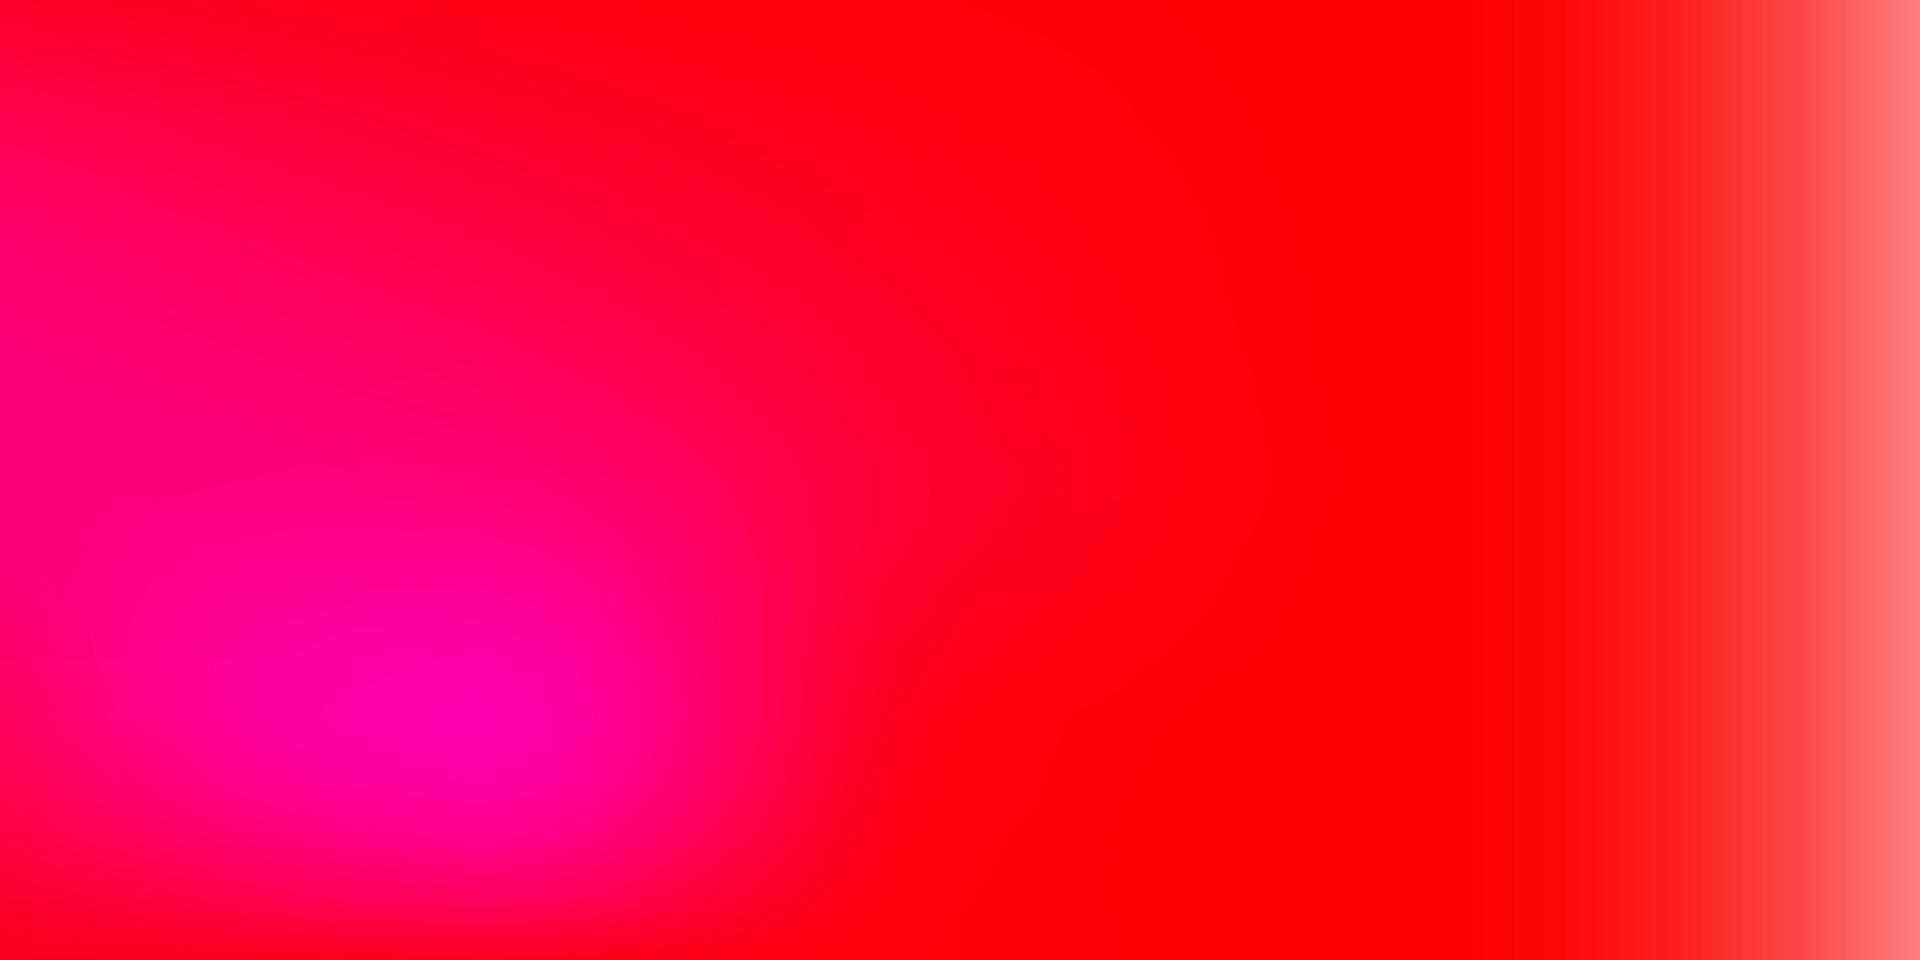 ljusrosa, röd vektor gradient oskärpa mall.